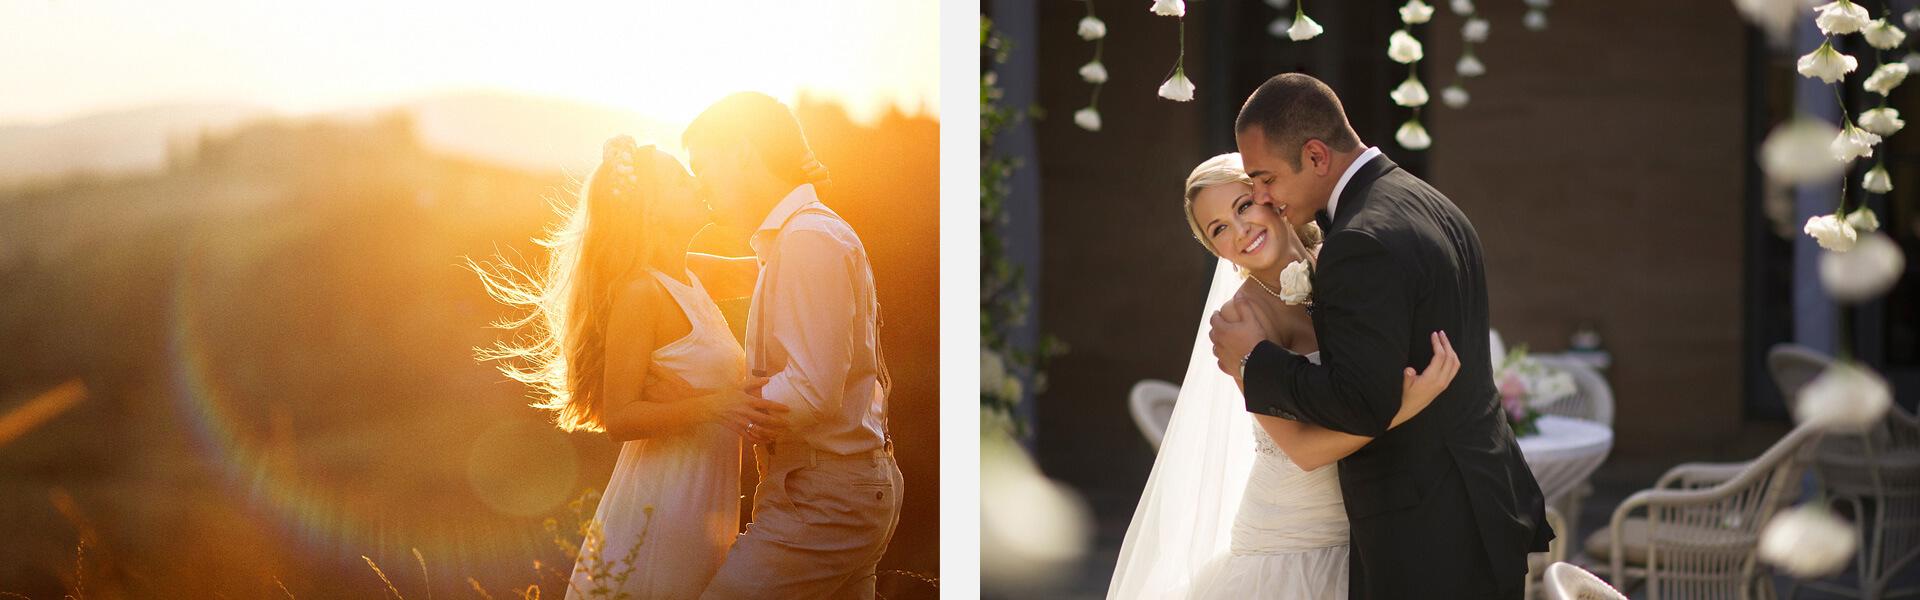 Klasszikus esküvőfotó stílus